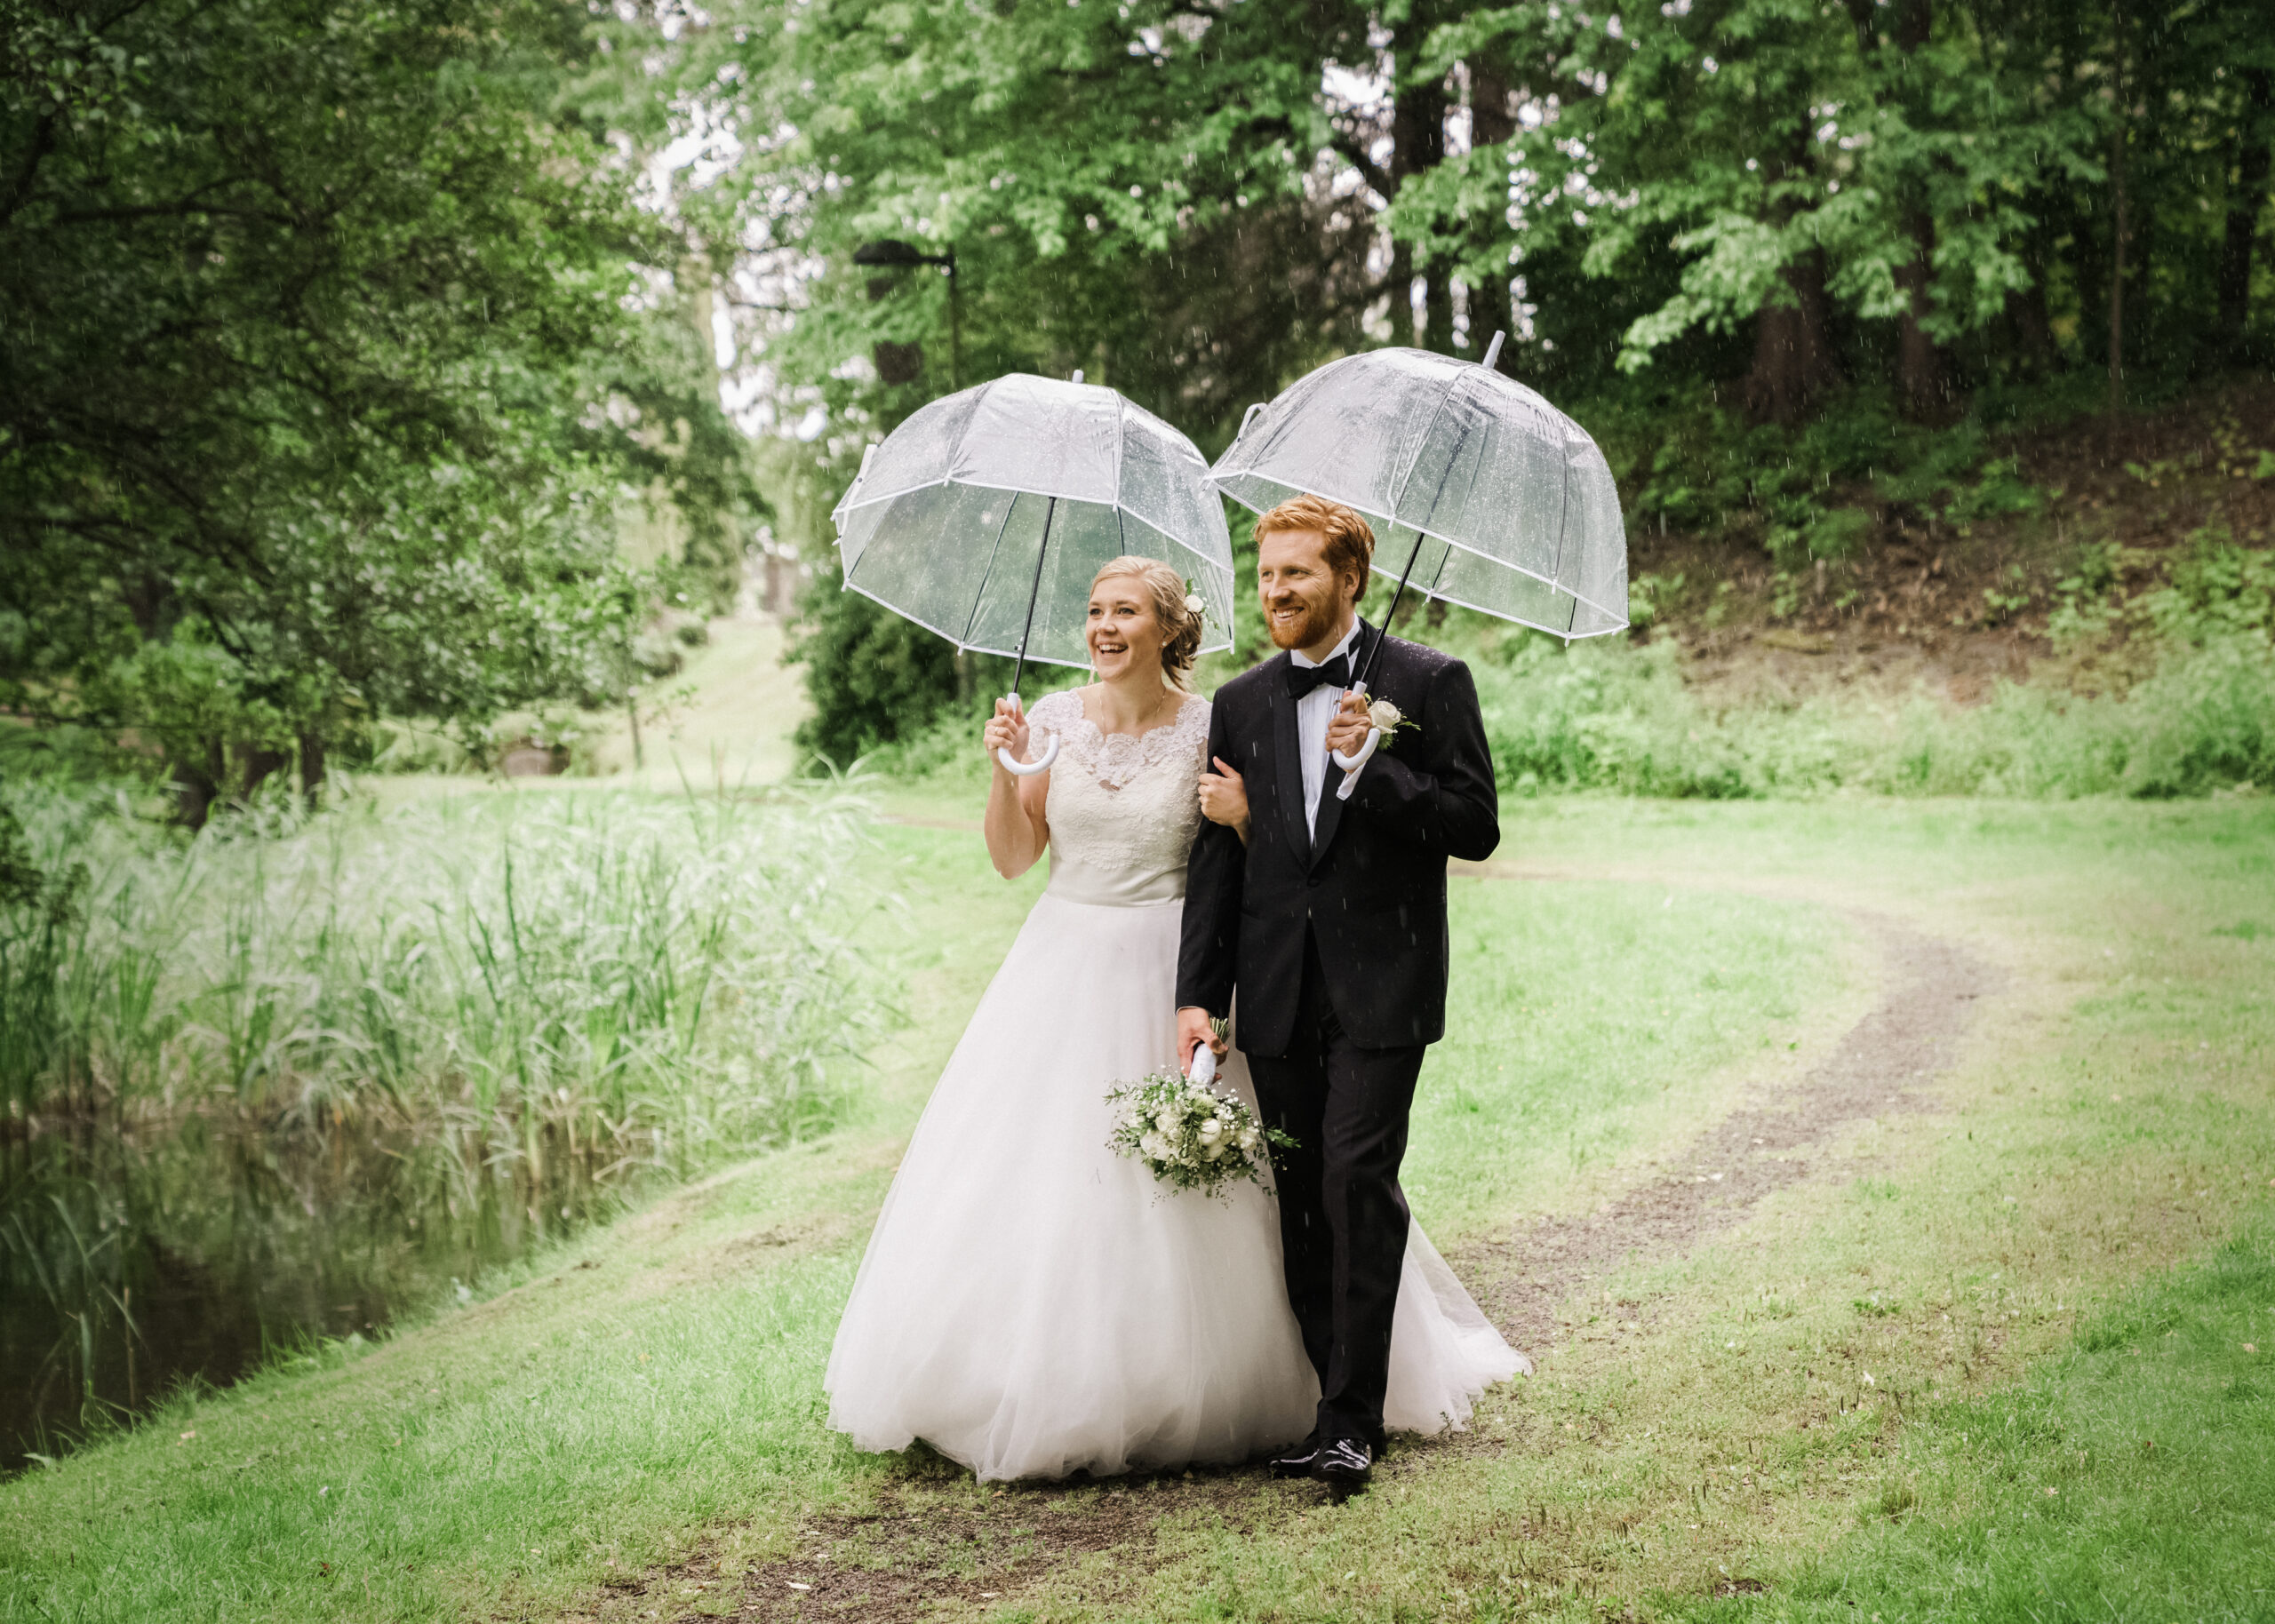 Bryllup paraplyer og regn